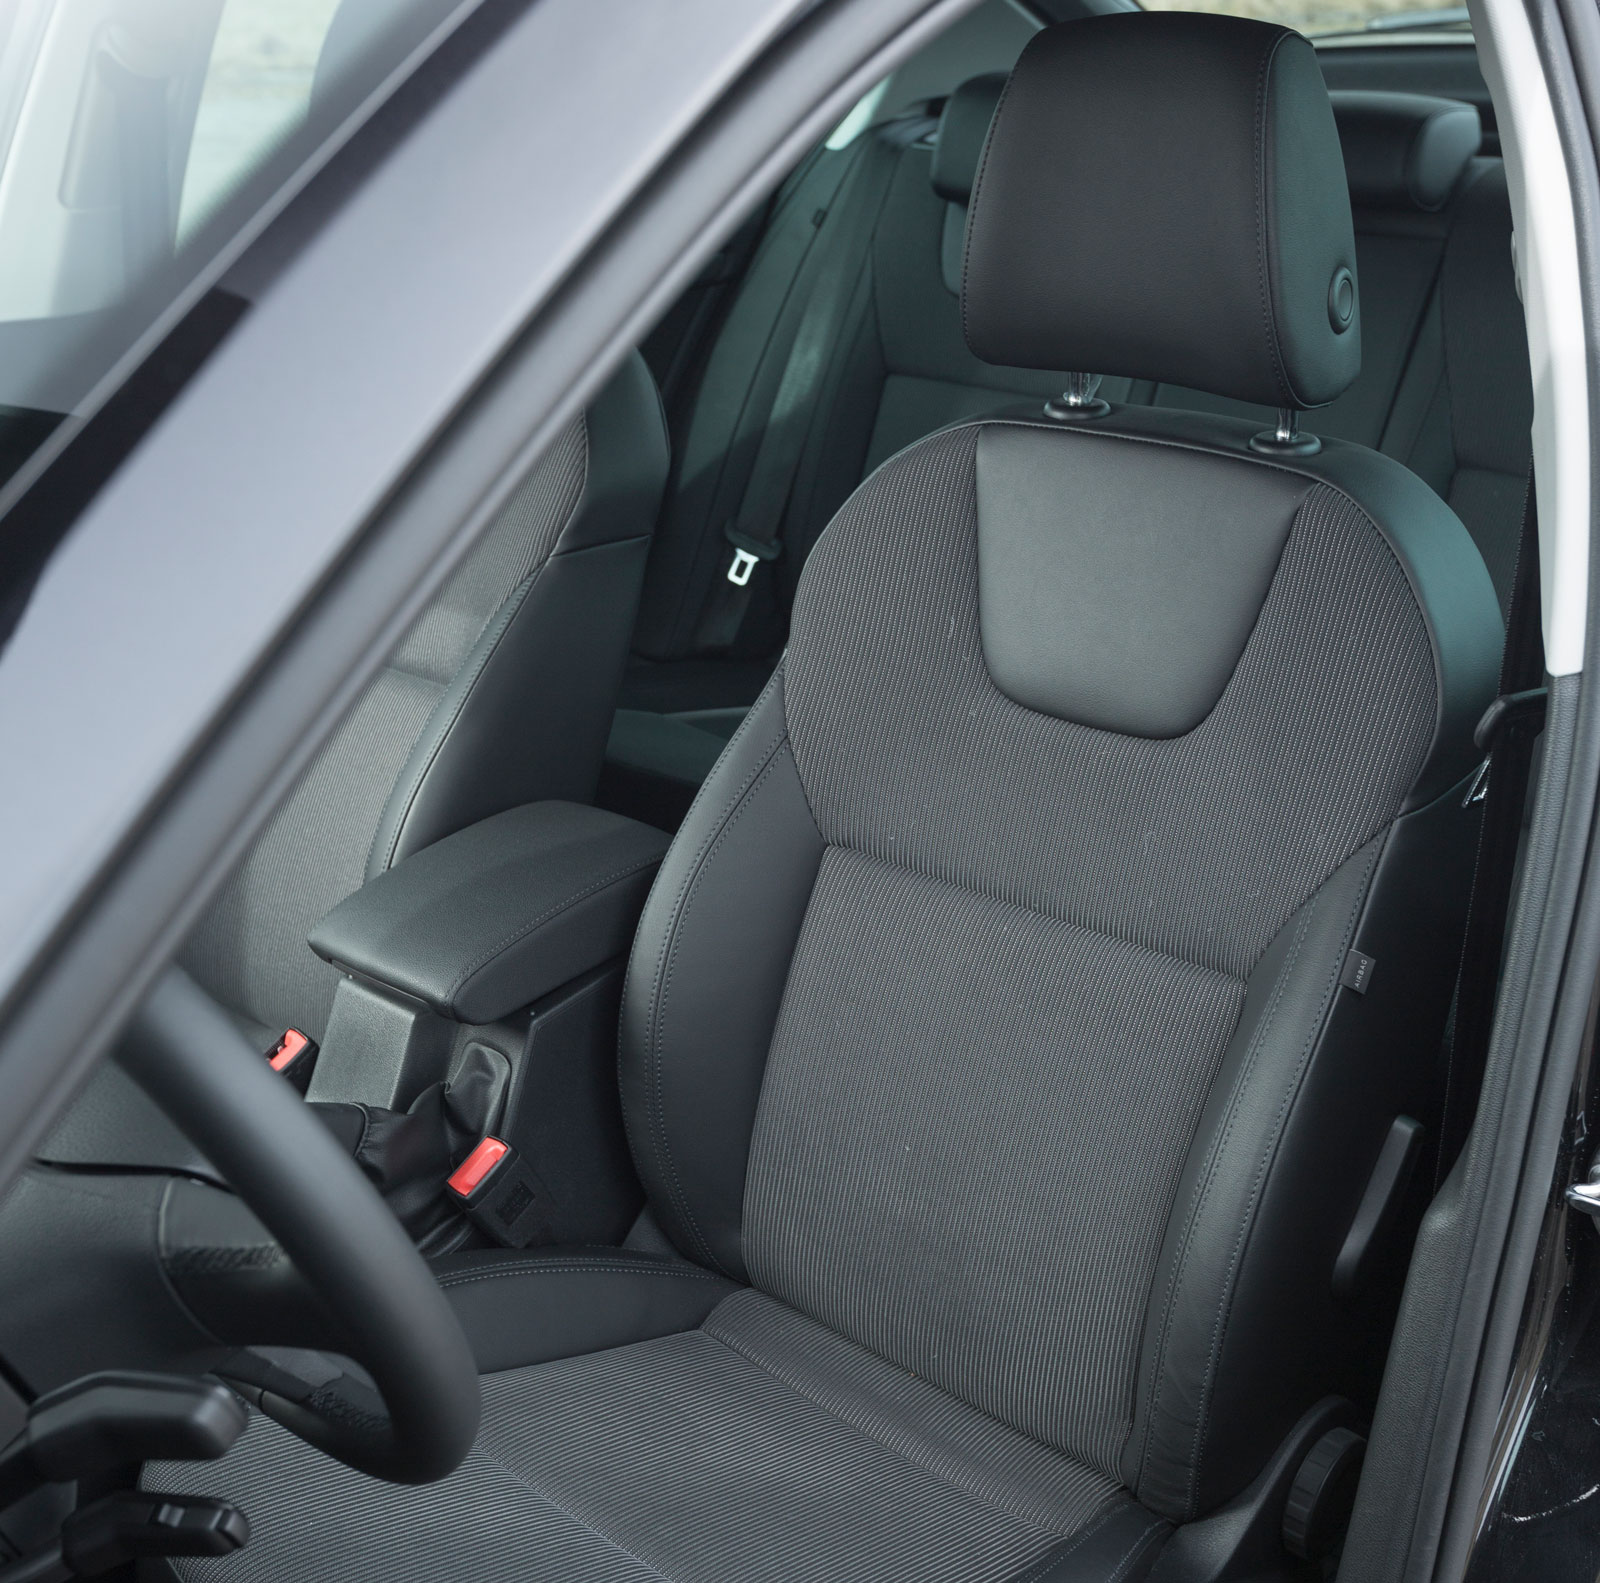 Stolarna är snarlika dem i Hyundai och ger gott stöd på långfärd. Rejäl skjutmån i längsled är en annan fördel.